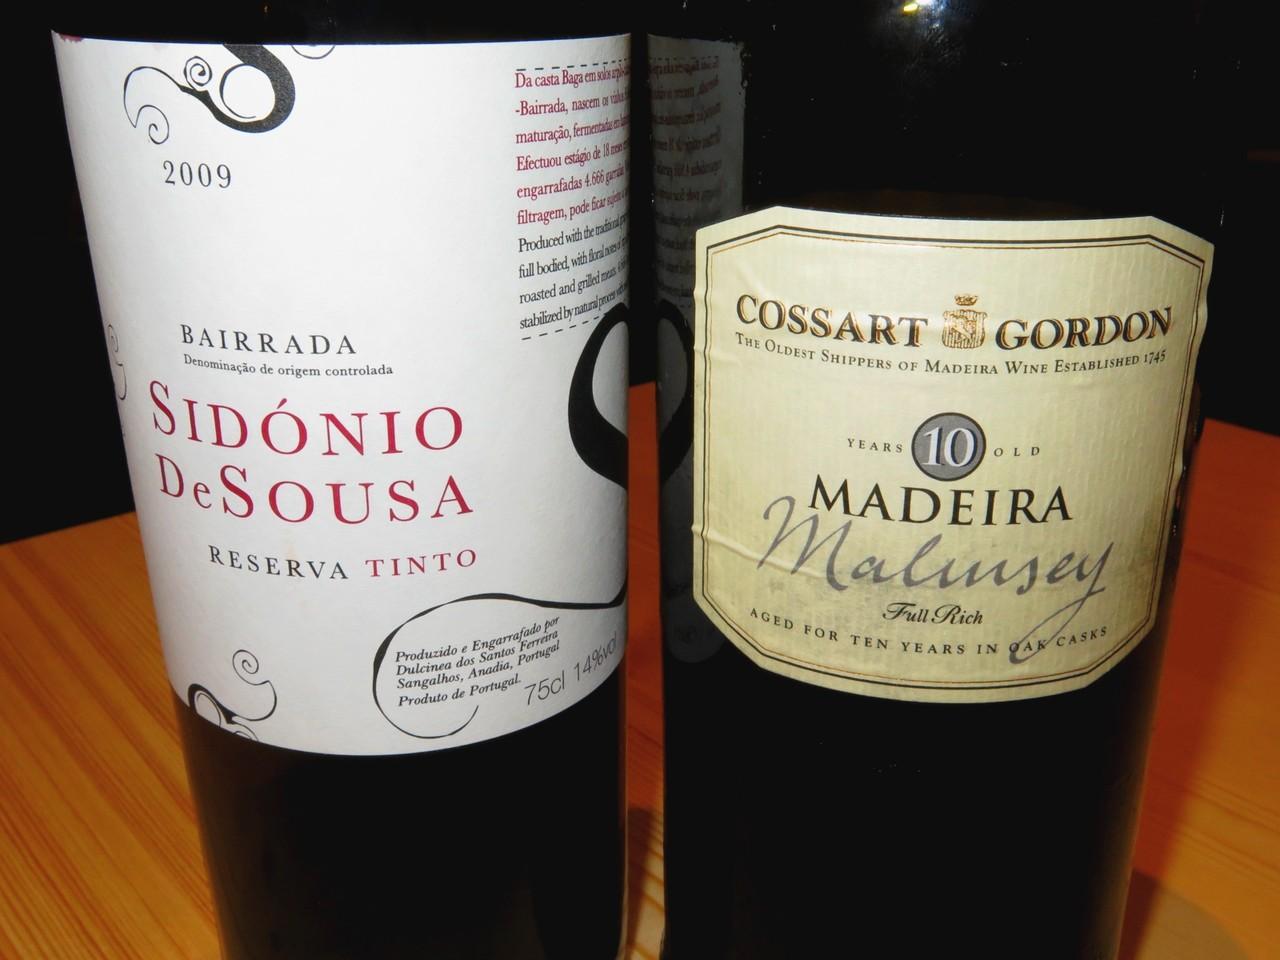 Sidónio de Sousa Reserva Tinto 2009 e Cossart Gordon Malmsey 10 Years Old